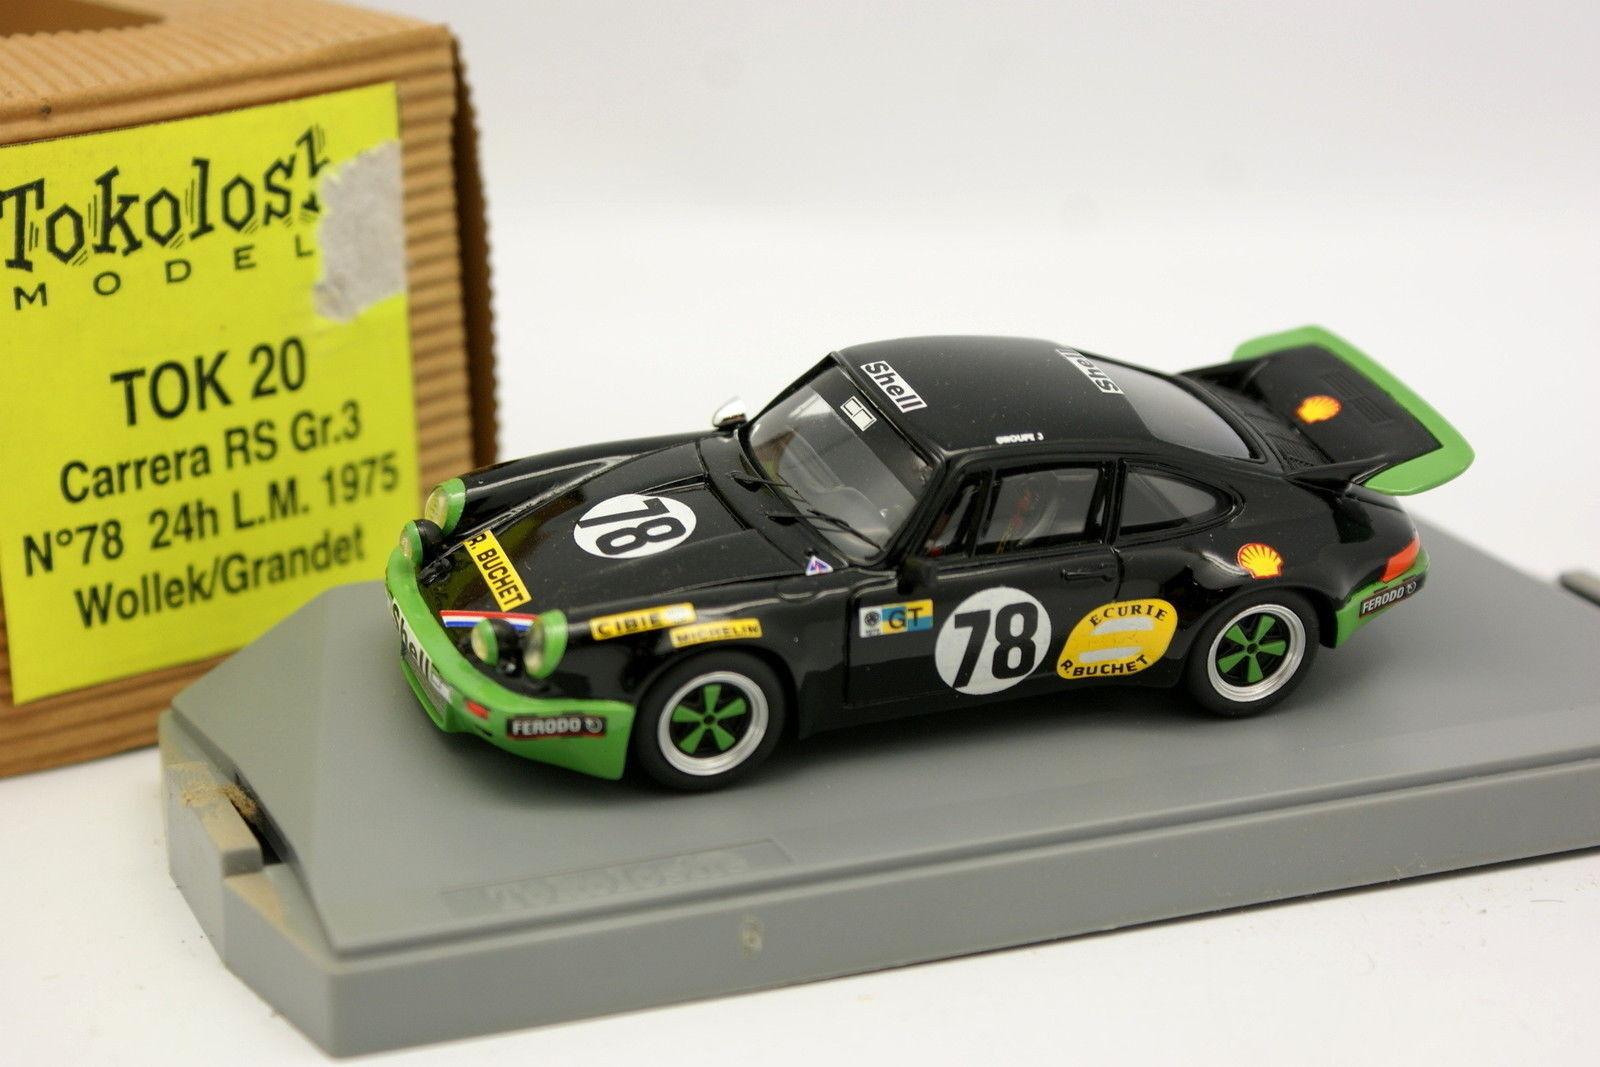 Tron Tokoloshe 1 43 - Porsche 911 Carrera Rs Gr3 le Mans 1975 No. 18